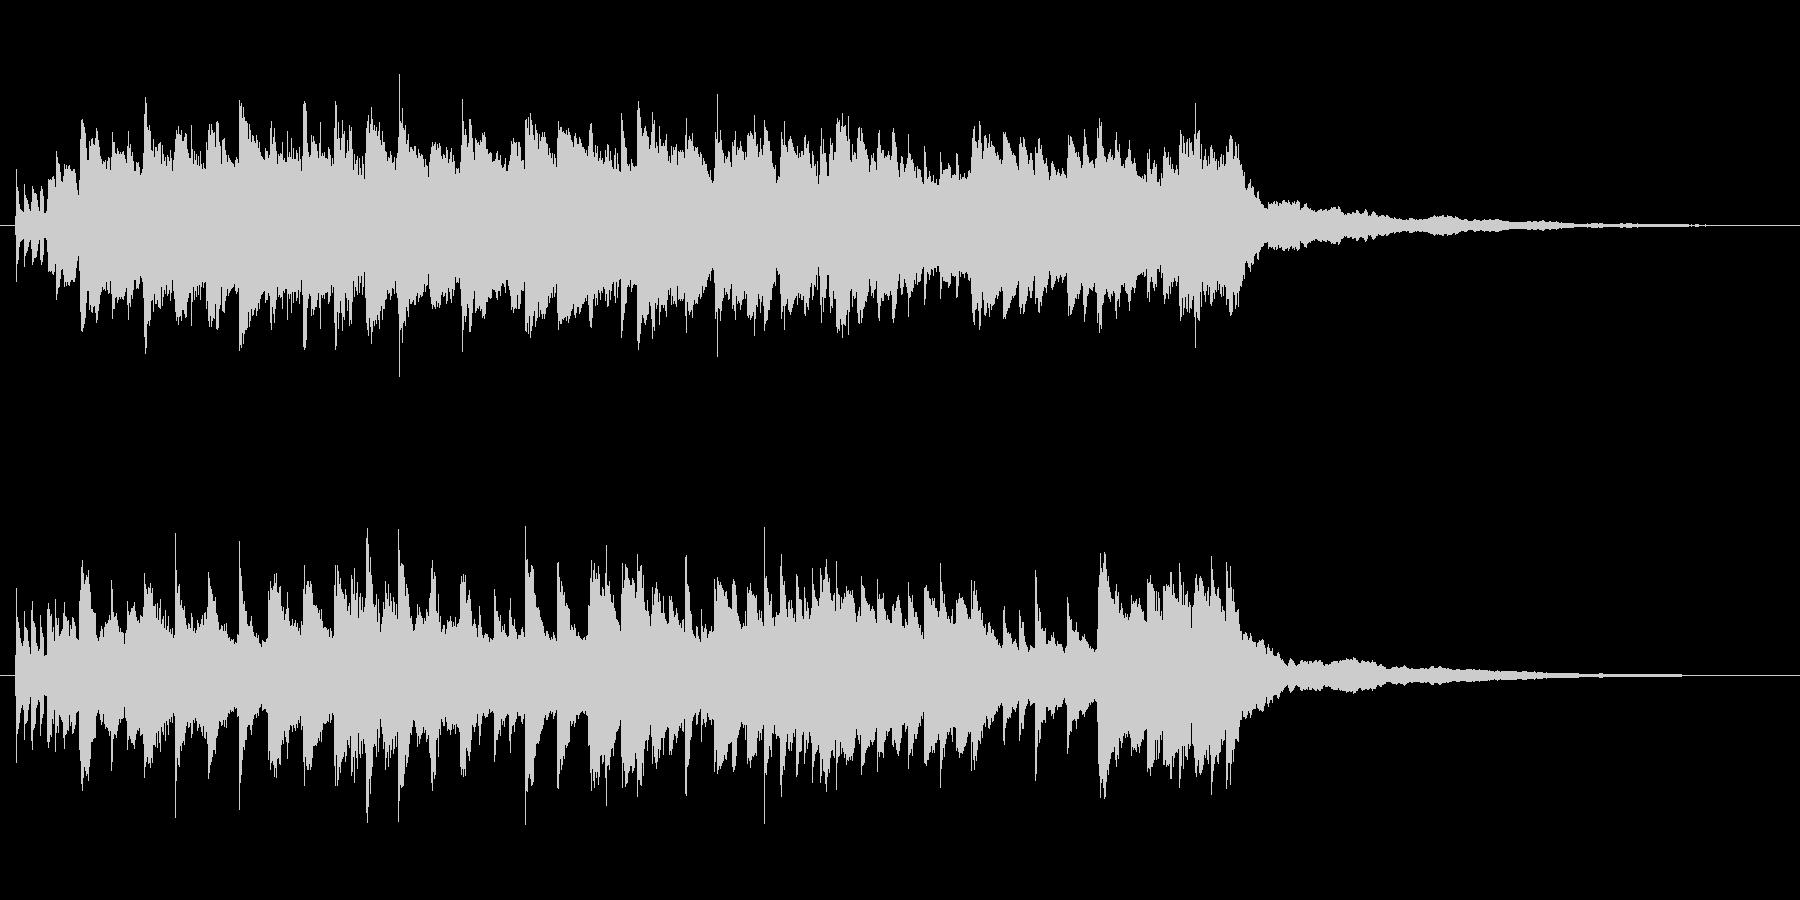 ピアノBGM50秒-幸せ、ぬくもり、感動の未再生の波形